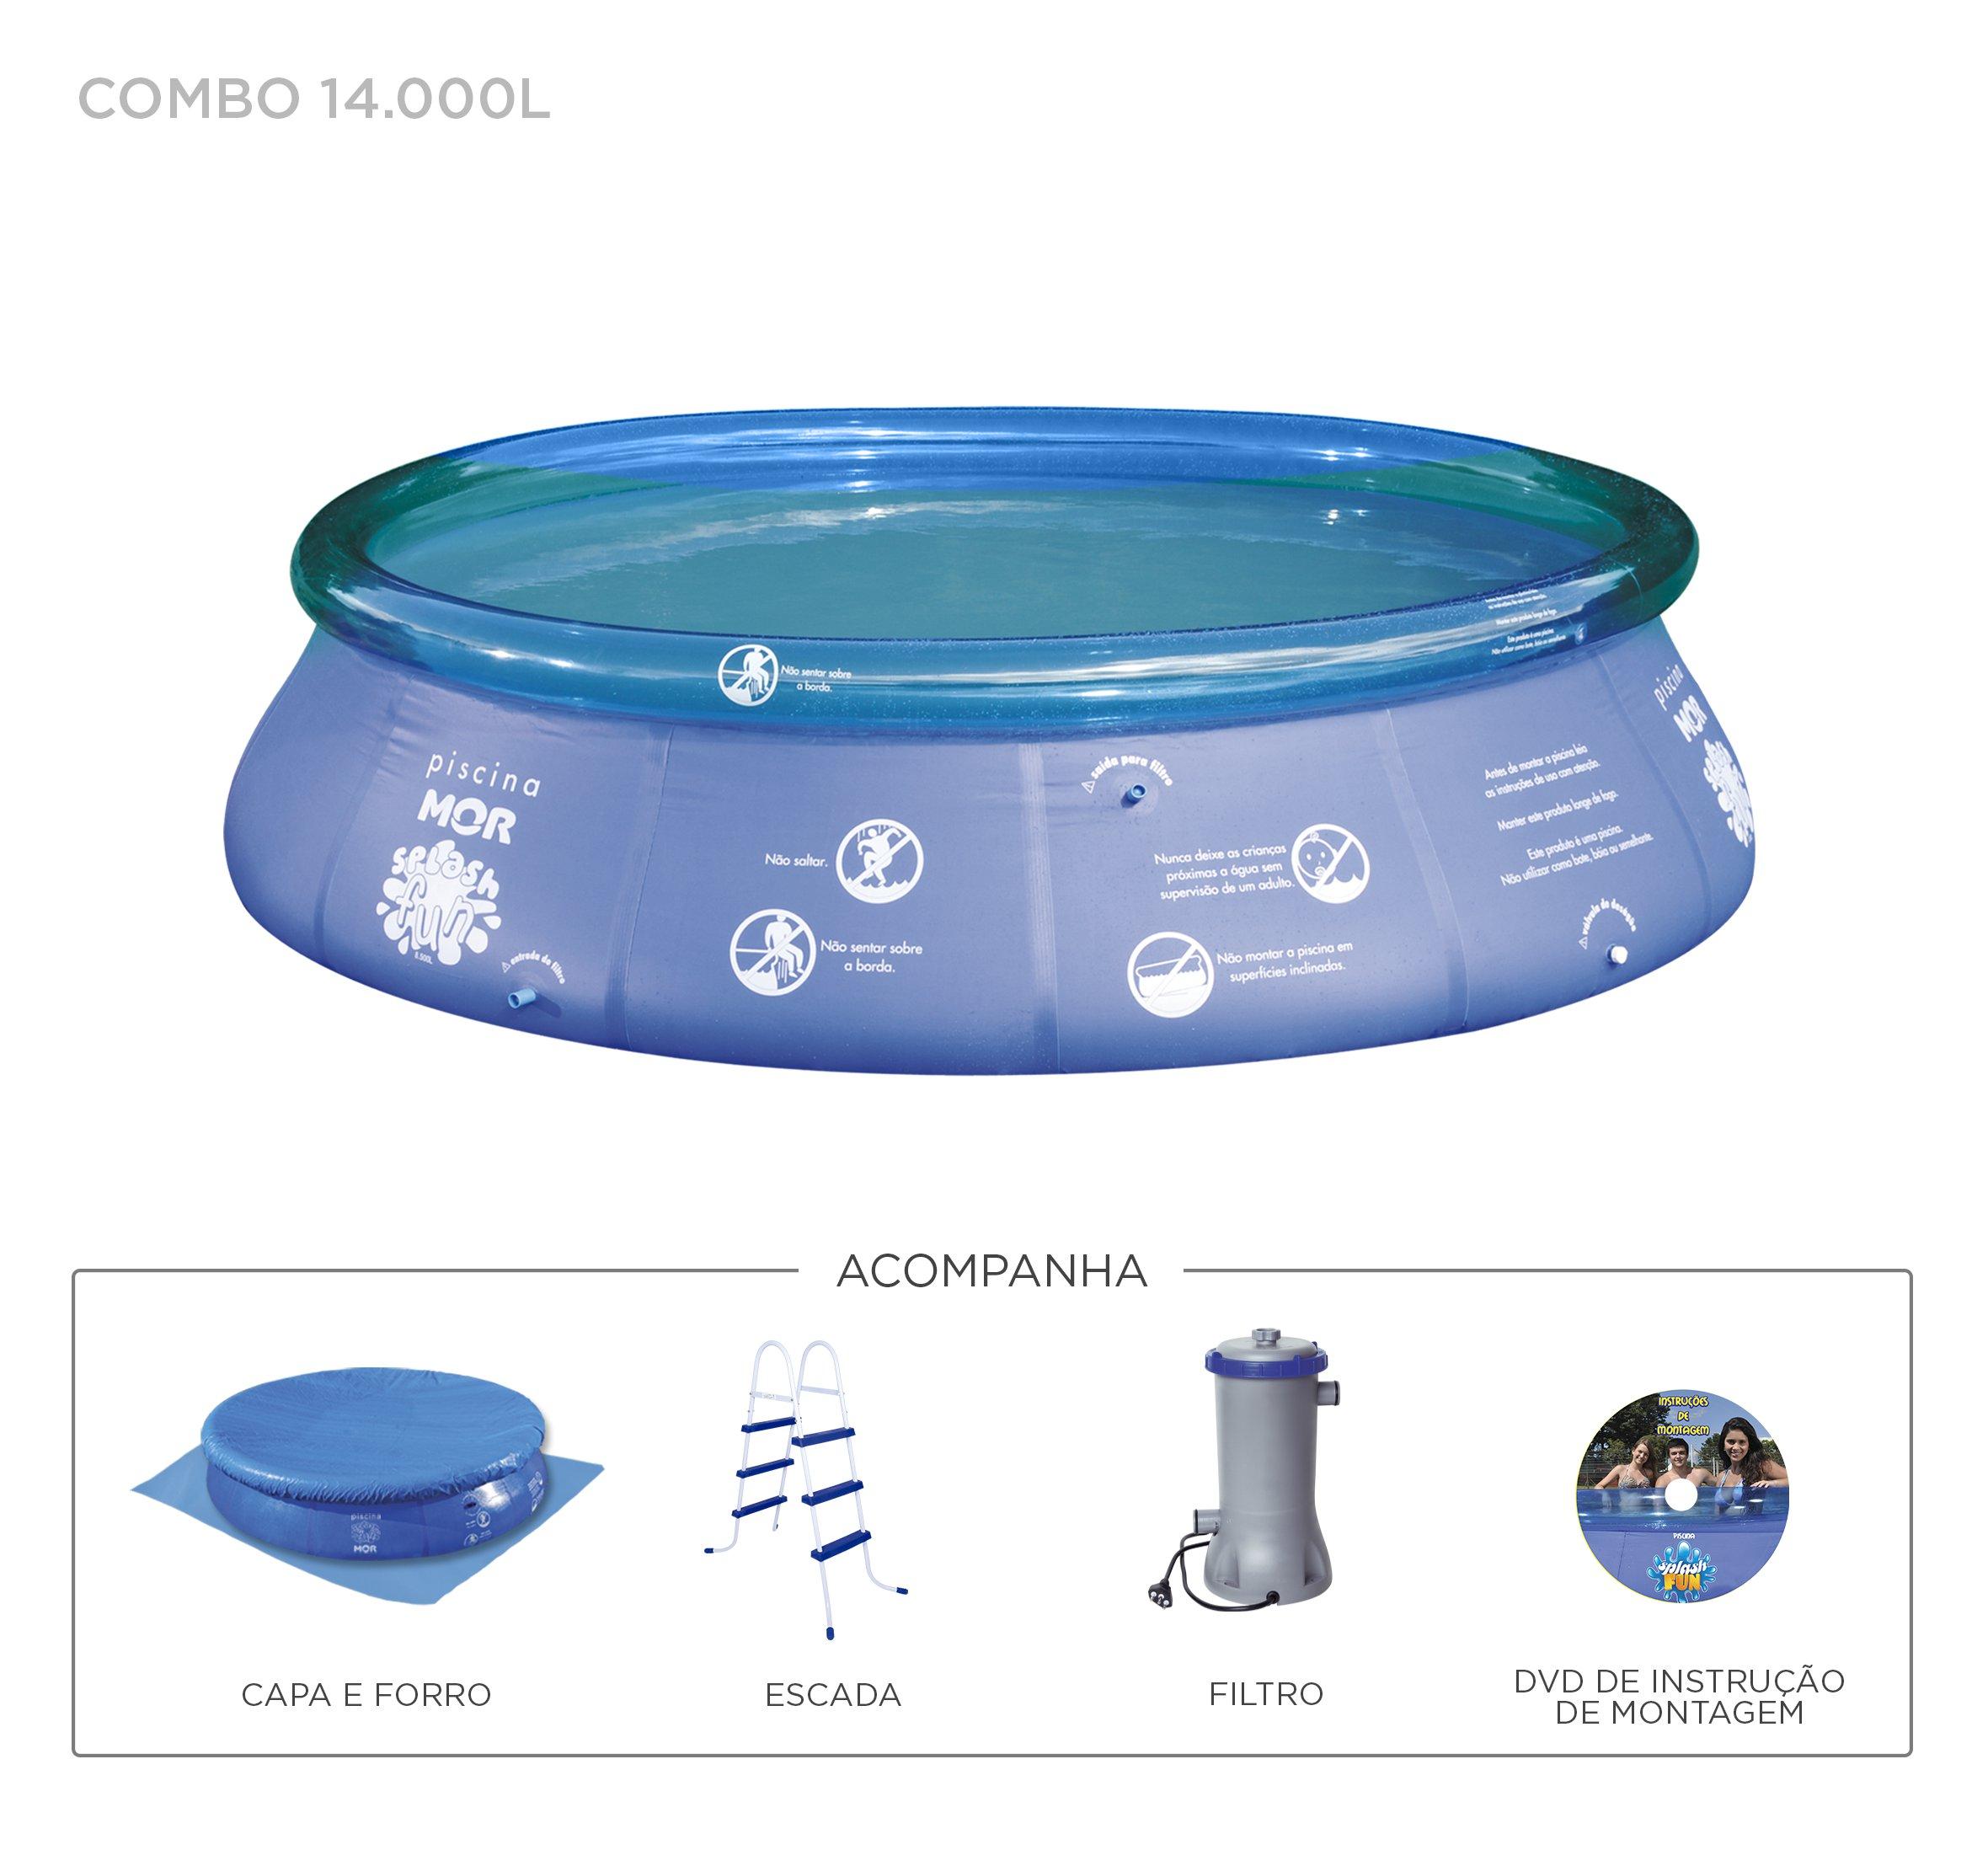 Piscina 14000l Inflavel Combo + Filtro 110v + Capa + Forro + Escada + Dvd - Mor